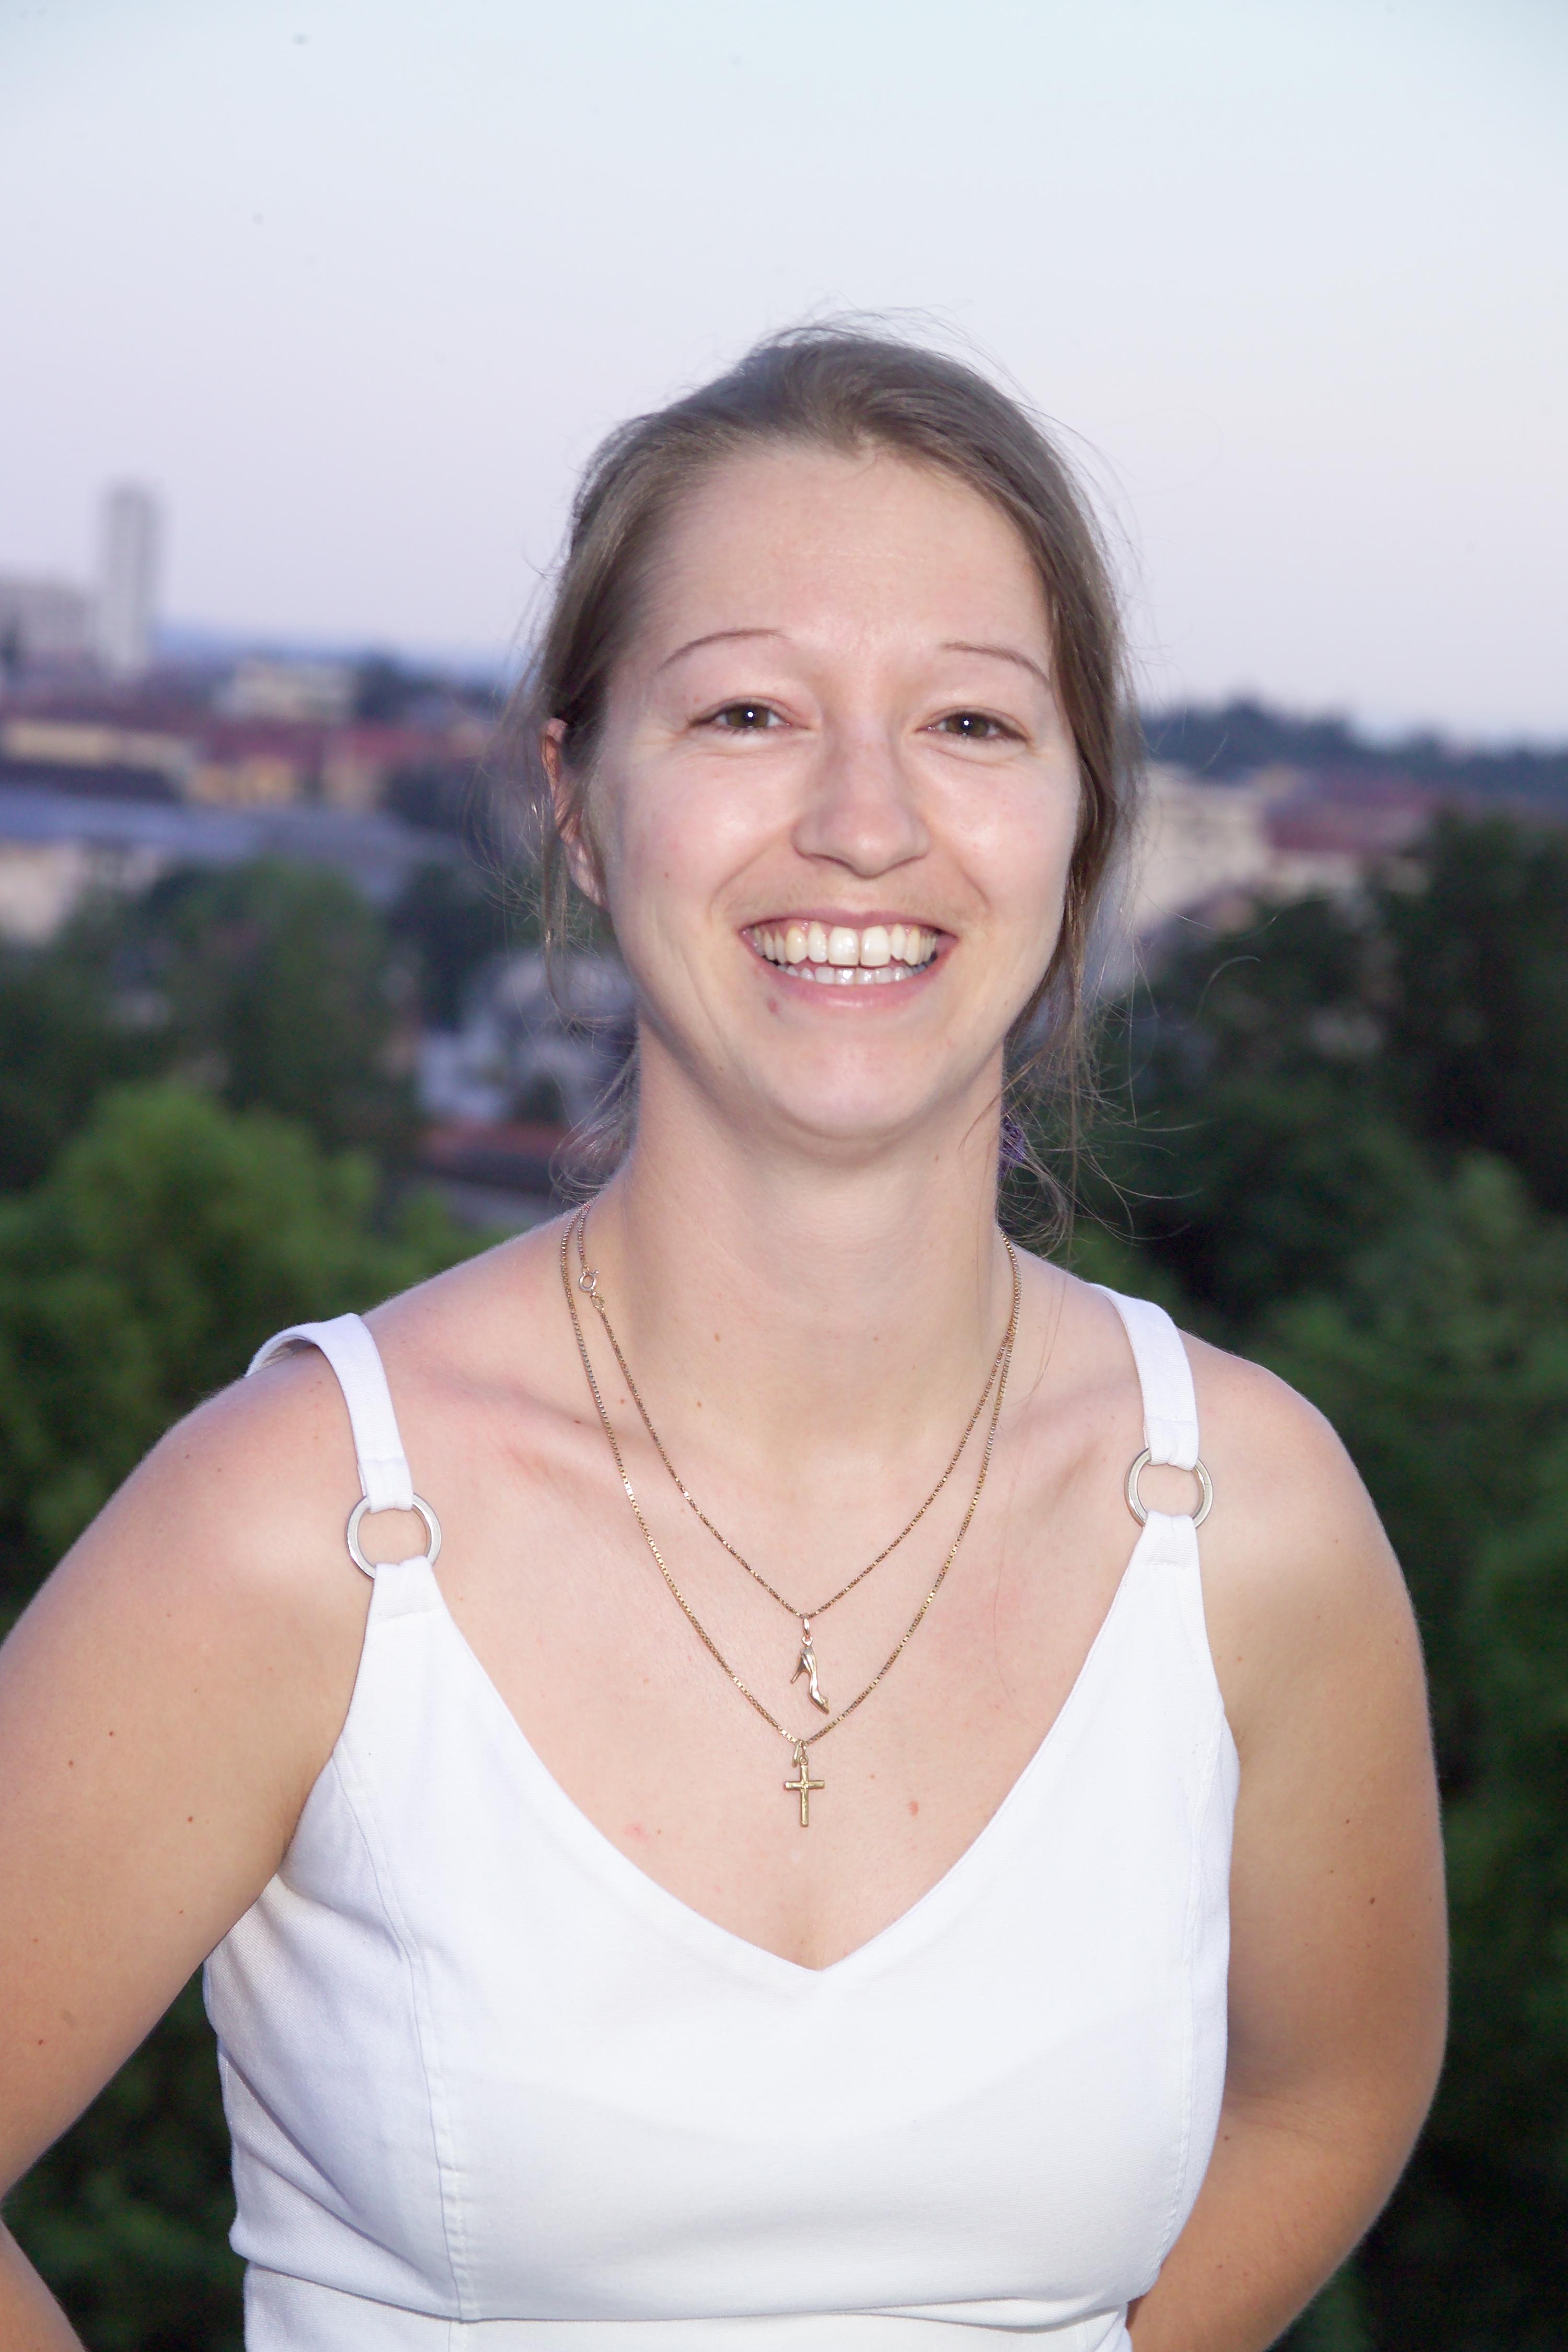 Yvonne Edlinger